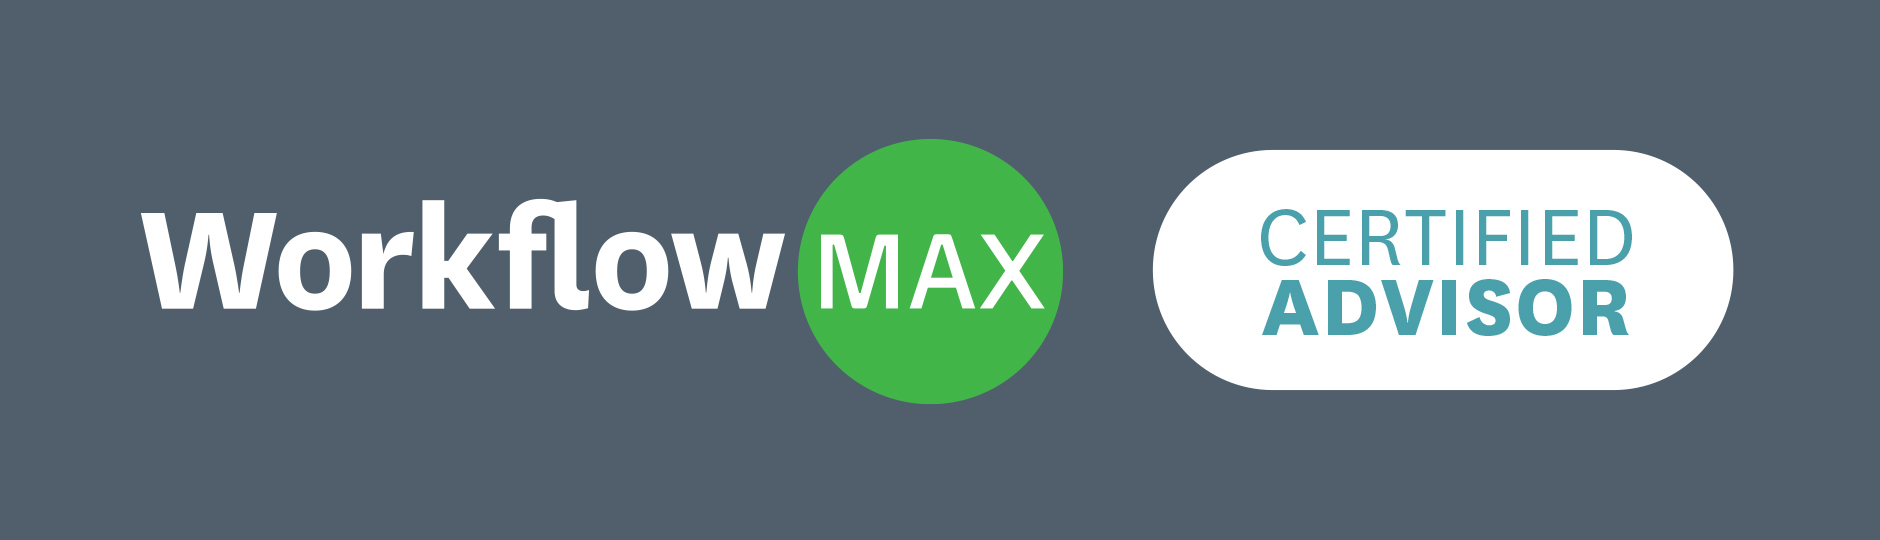 wfm-logo-for-advisors.jpg